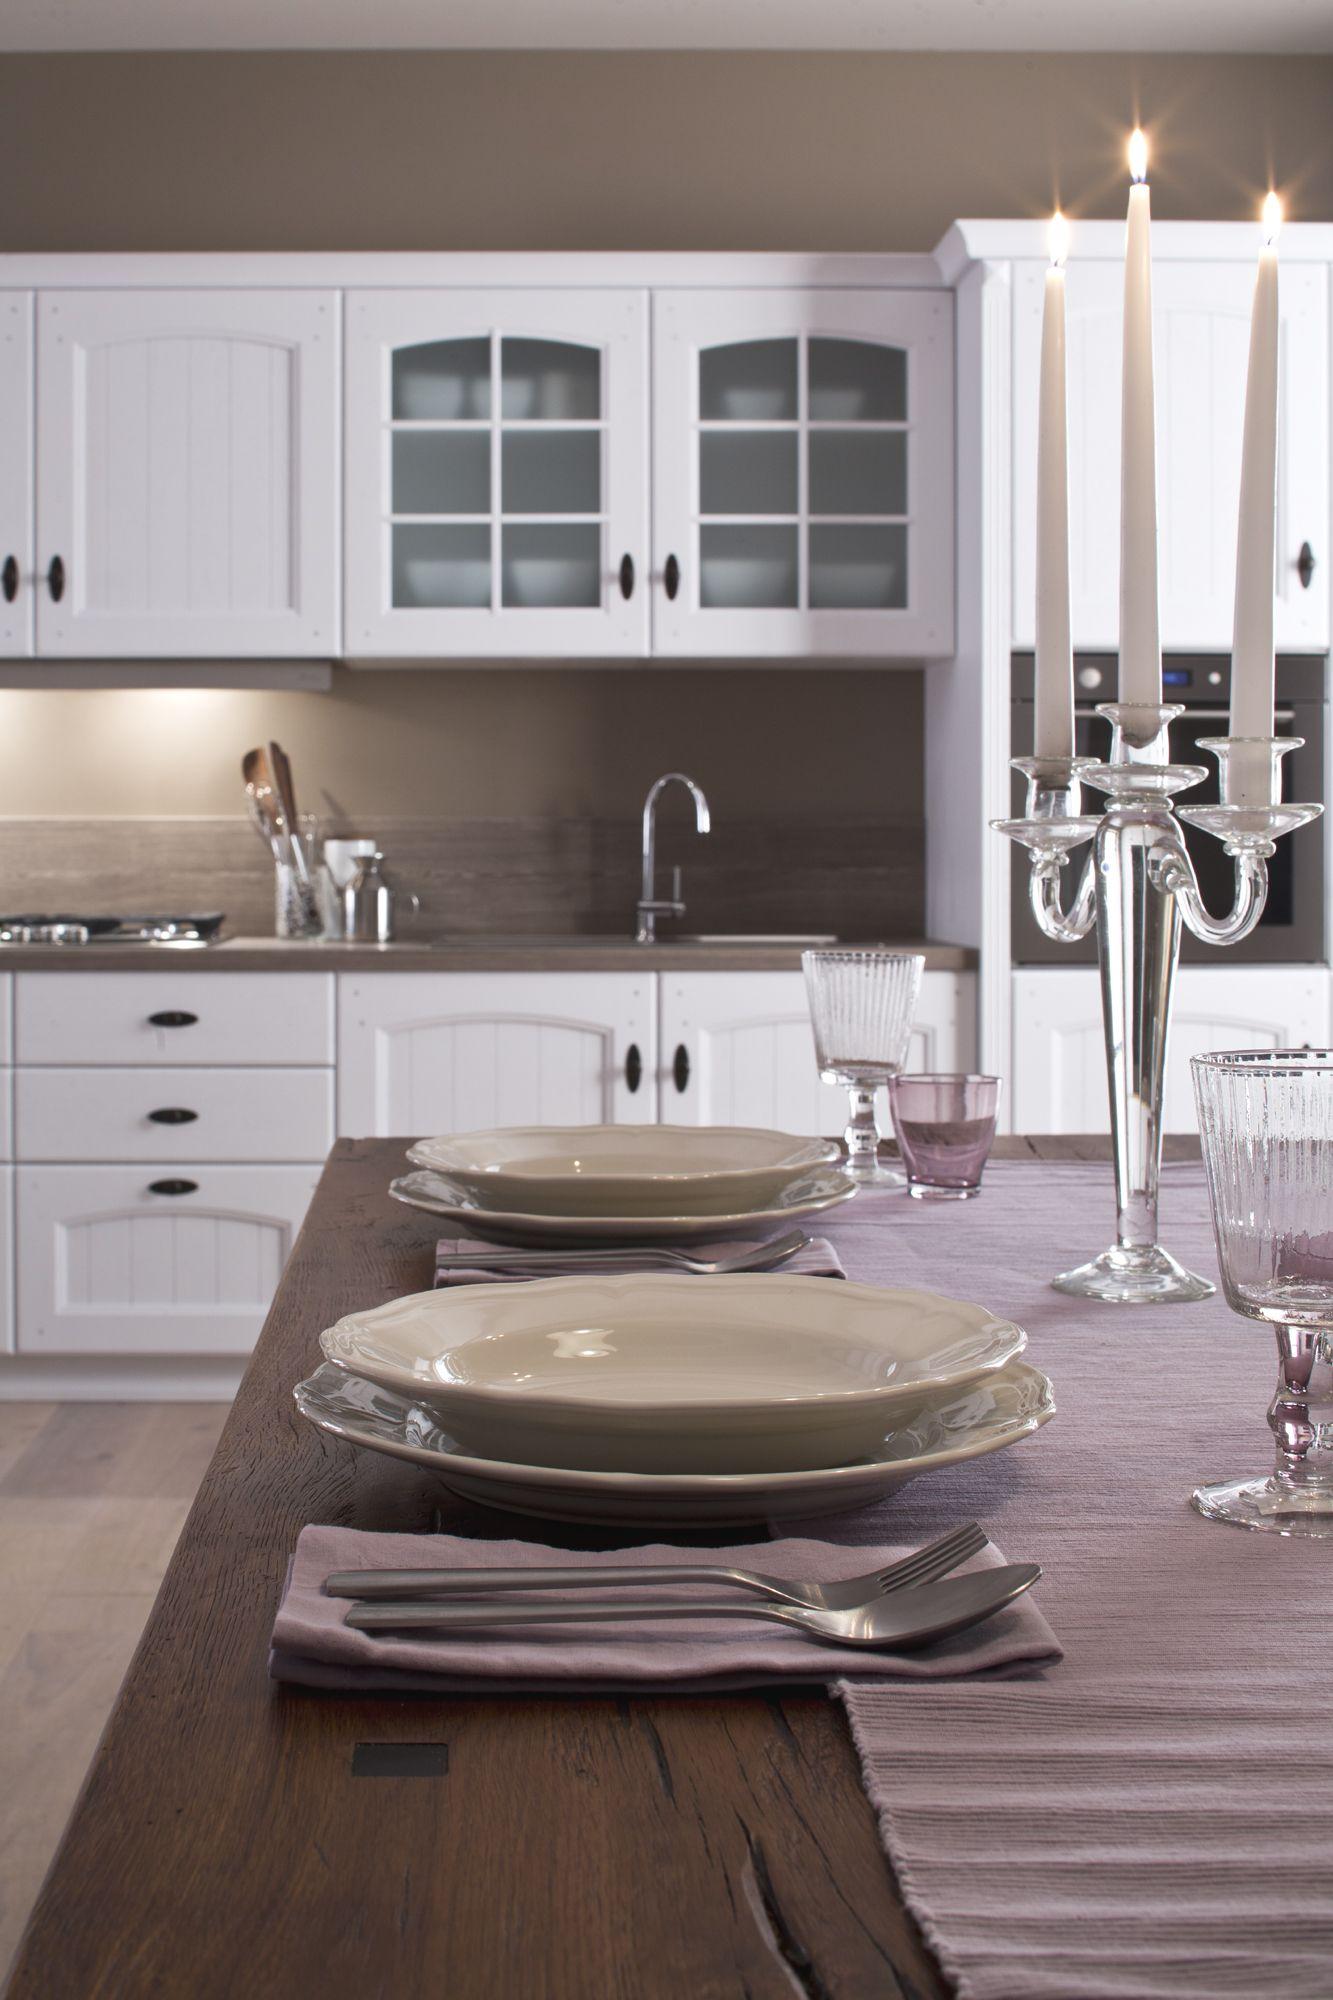 Arrex Le Cucine: lo stile classico propone il colore bianco che non ...